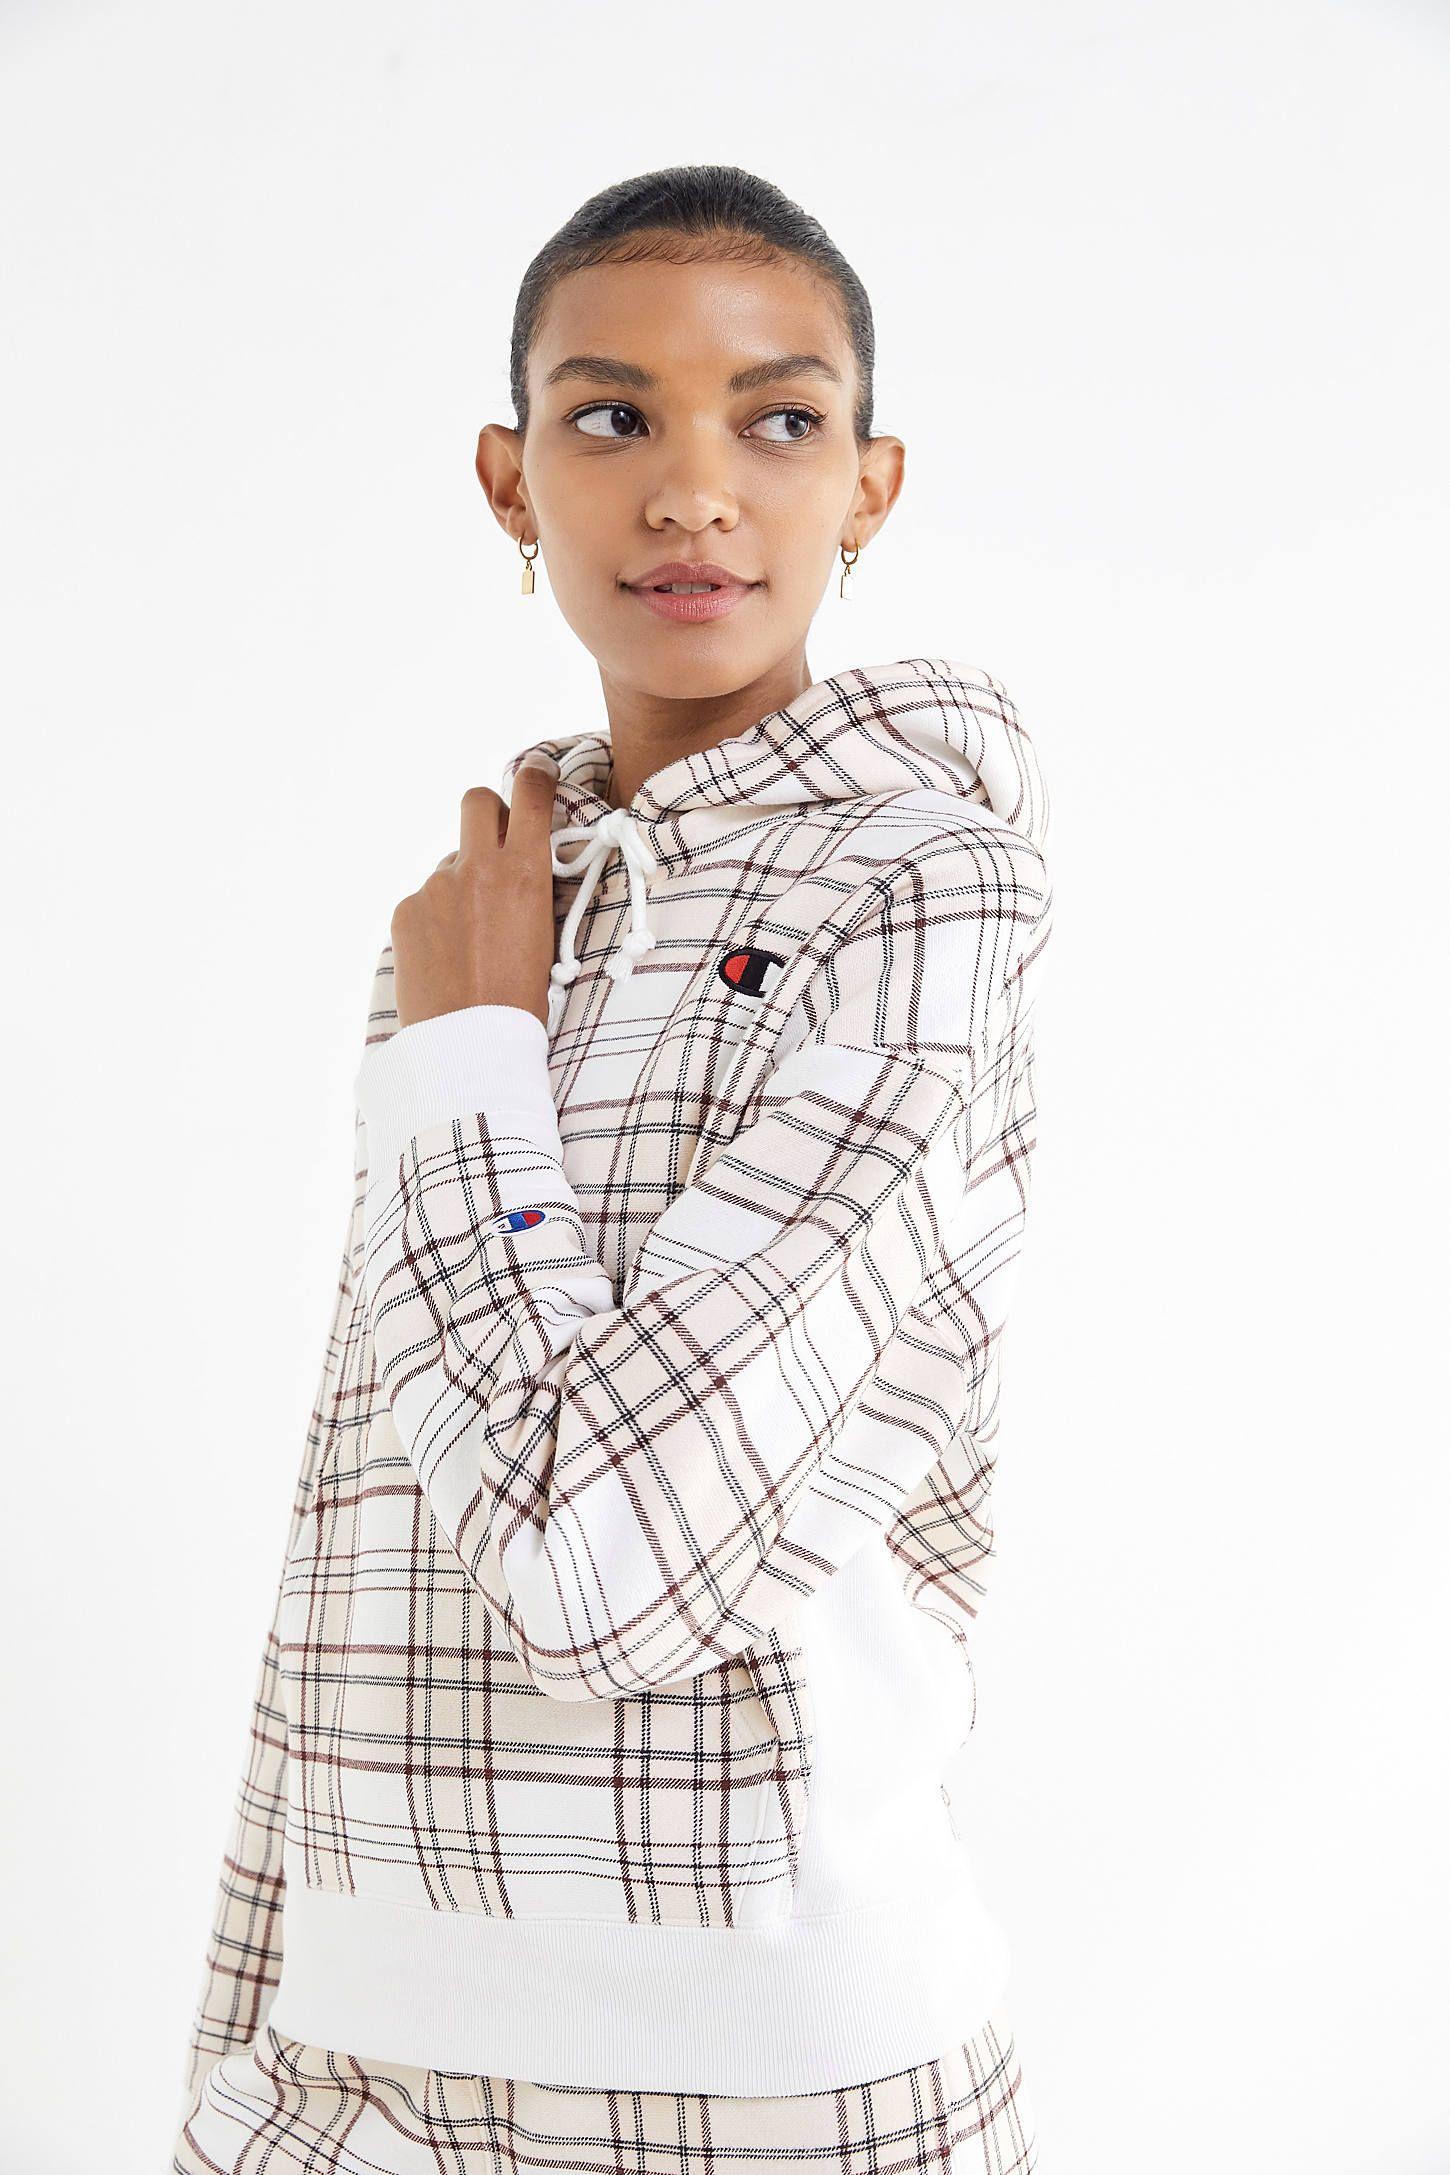 abeb66f248c7b Champion UO Exclusive Plaid Hoodie Sweatshirt